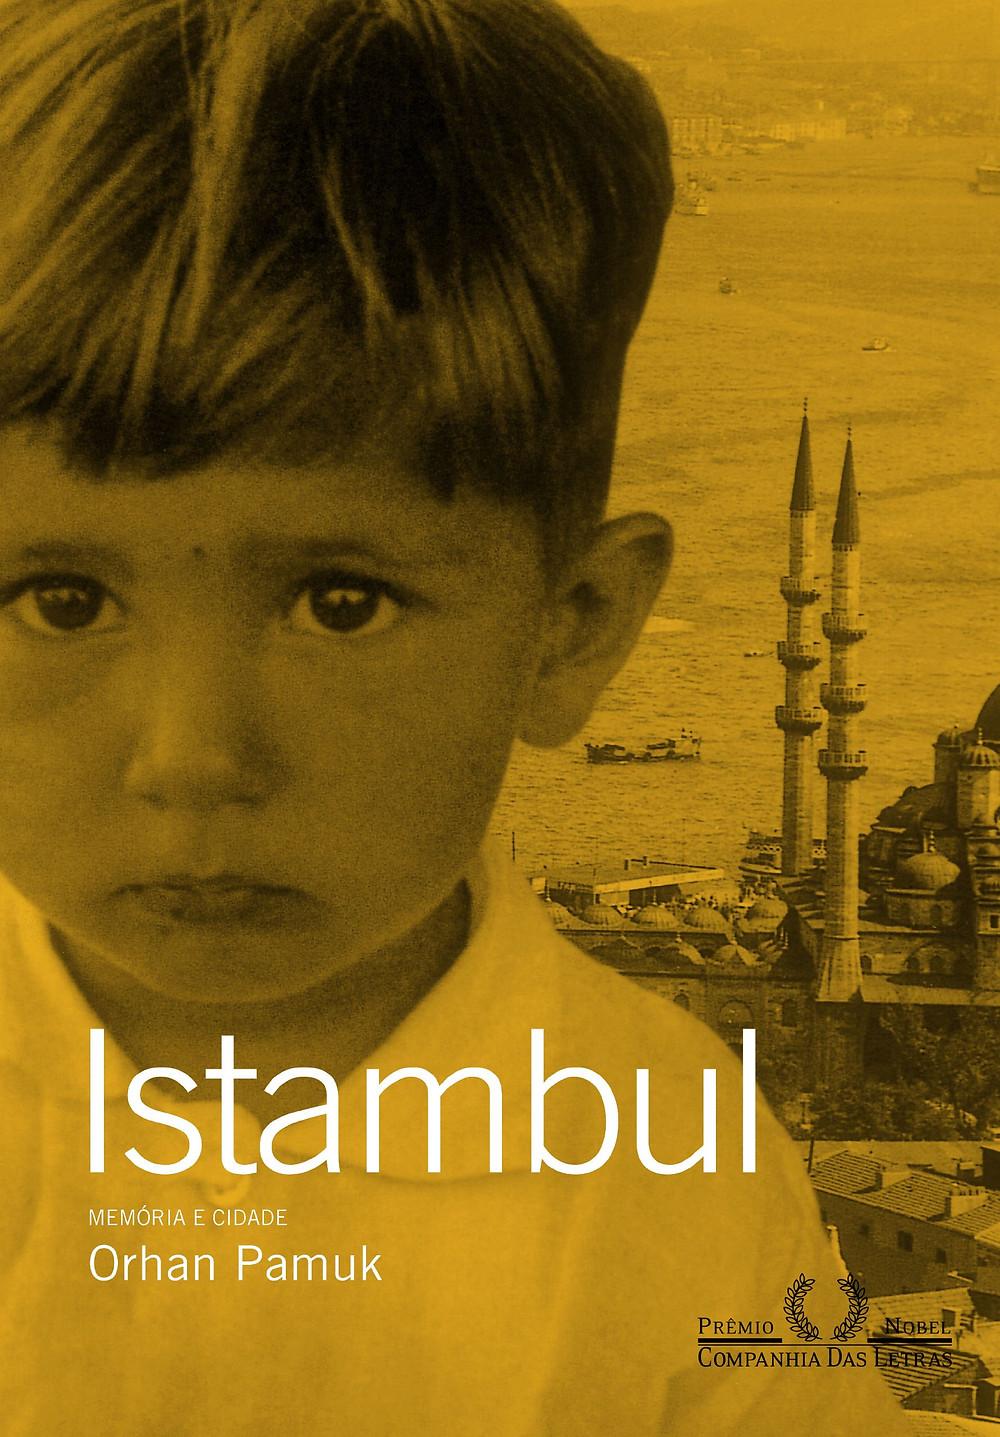 Livro Istambul – Memória e Cidade de Orhan Pamuk